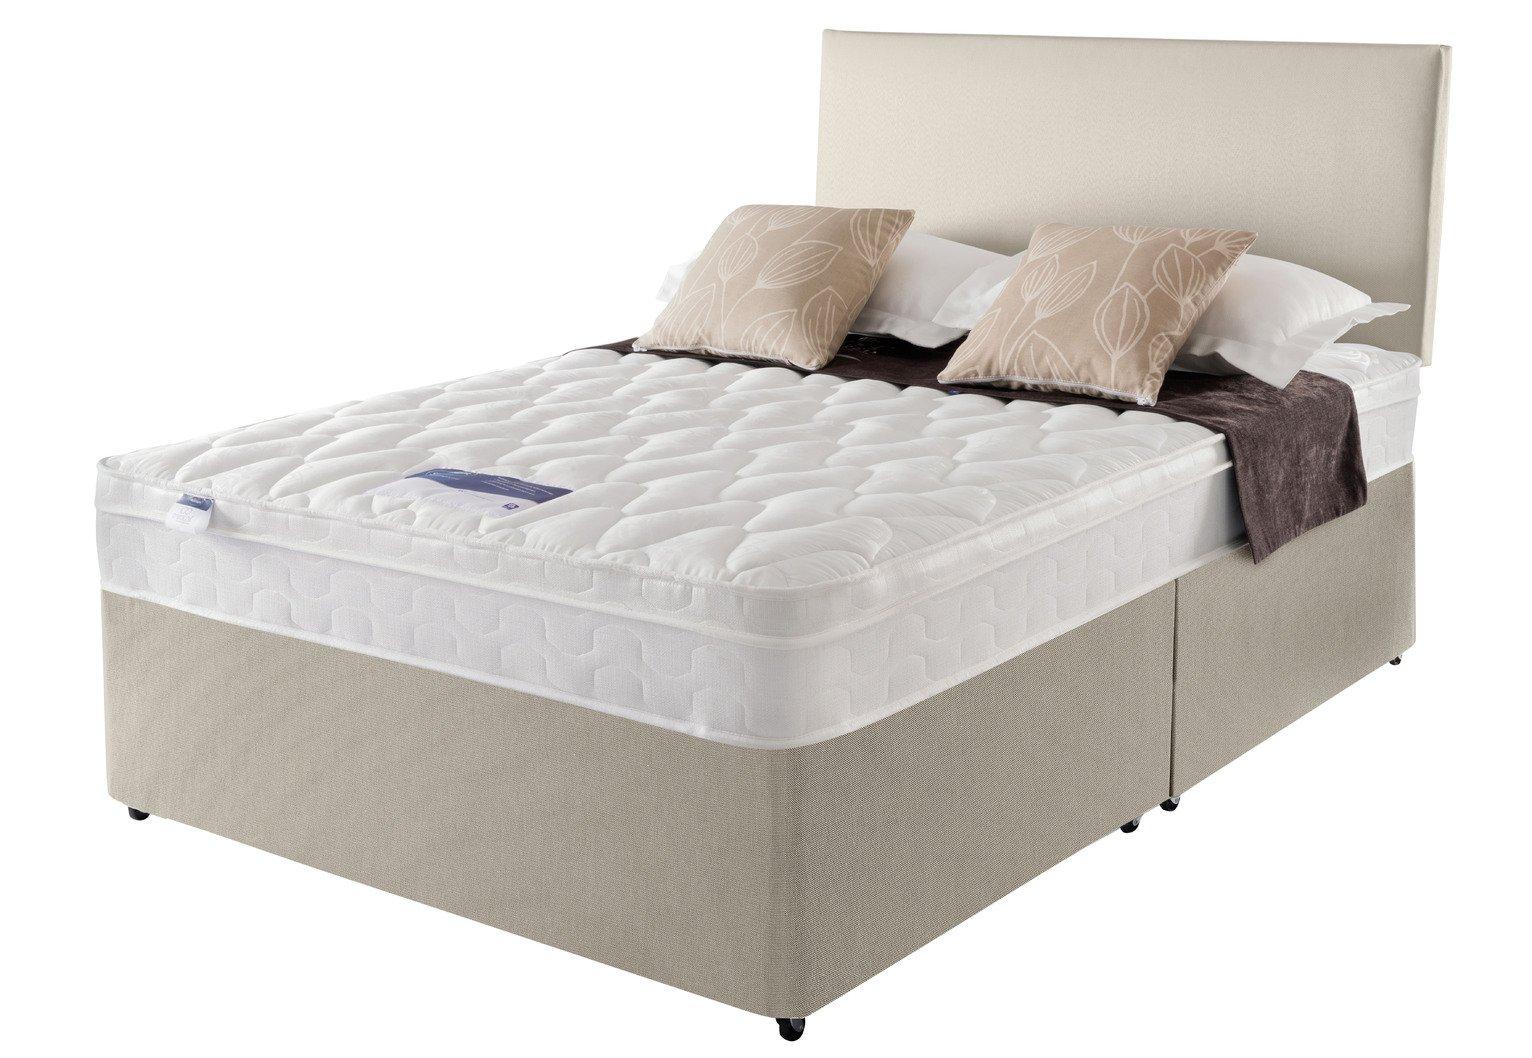 Silentnight Auckland Natural Divan Bed - Superking